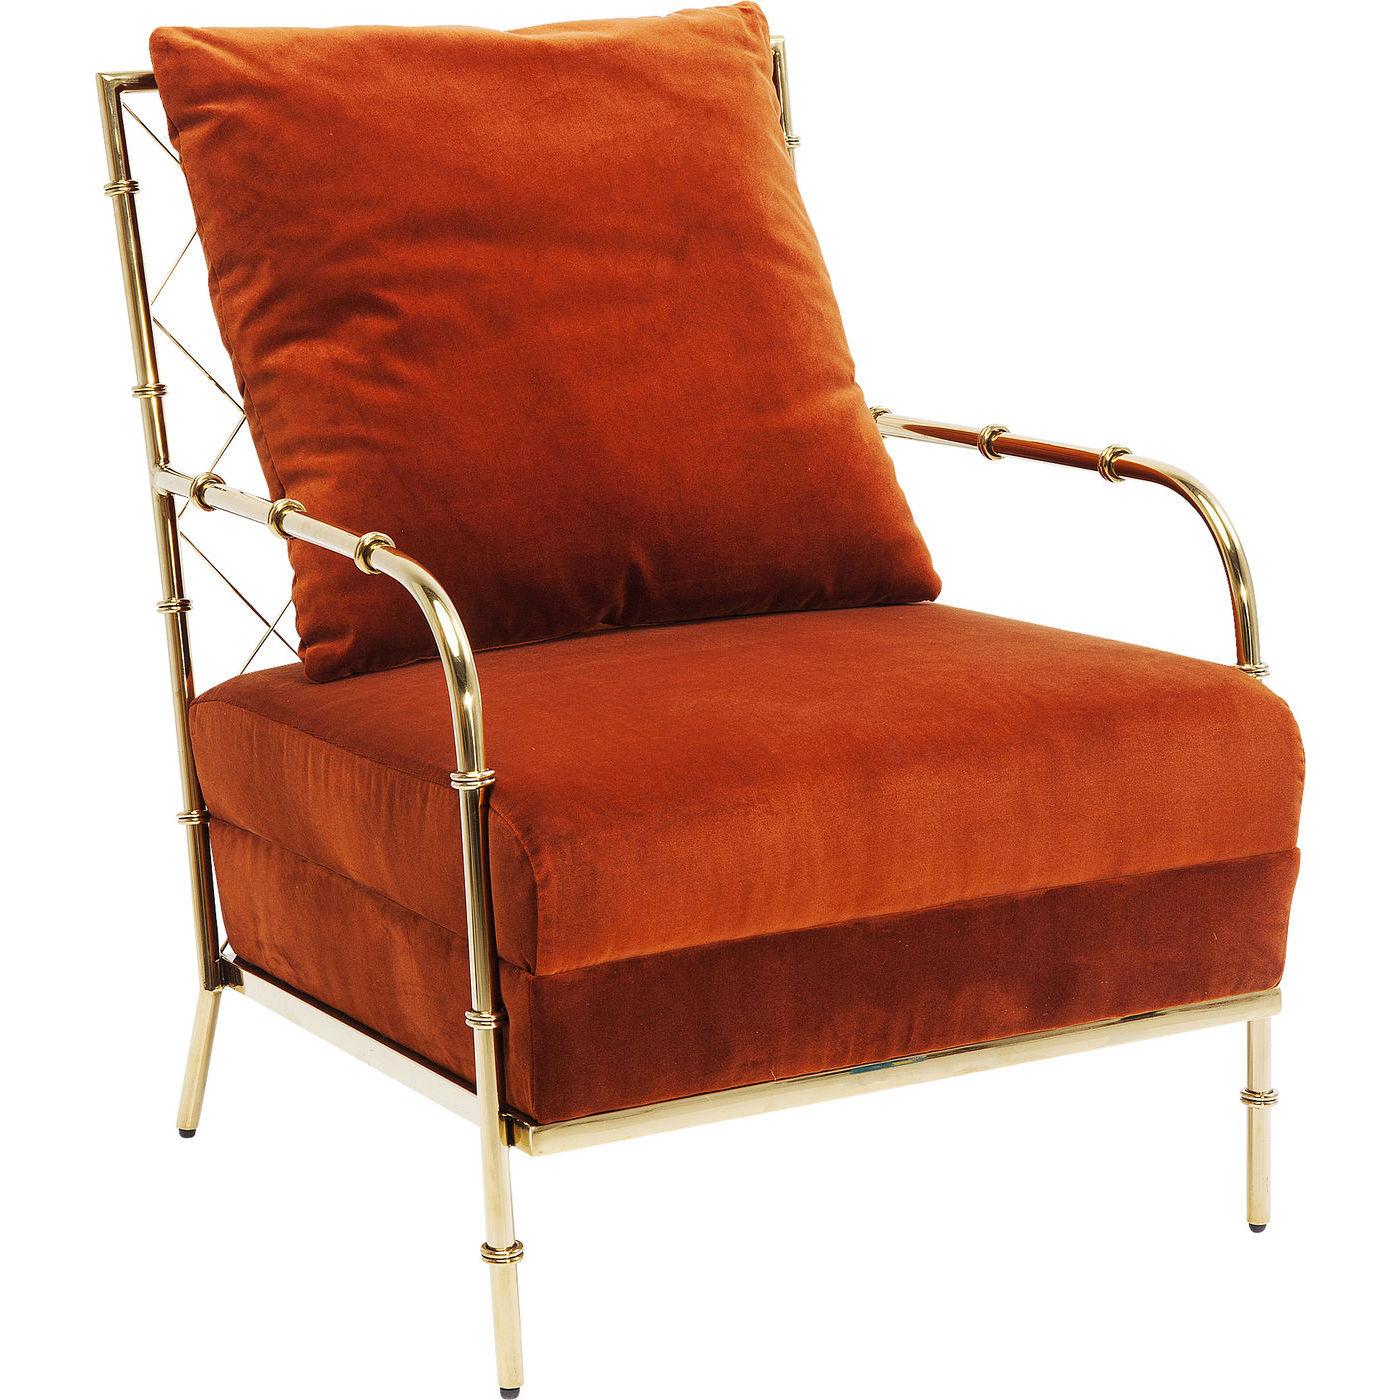 kare design Kare design regina lænestol - orange/rødt stof og guld stål, m. armlæn fra boboonline.dk